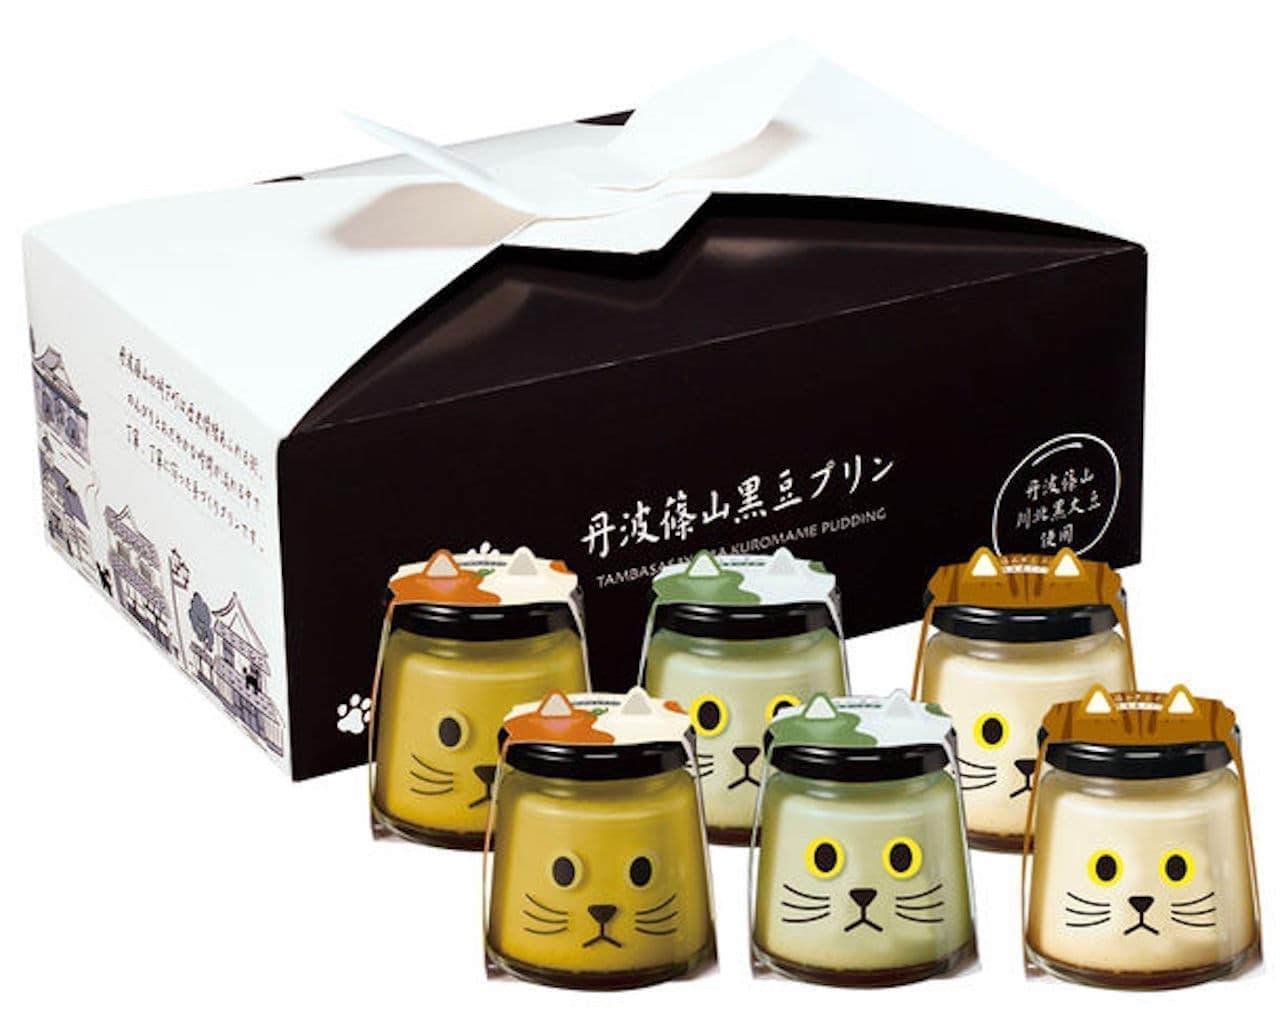 「丹波篠山秋の恵みプリンセット」3つの味が楽しめる季節限定アソートセット